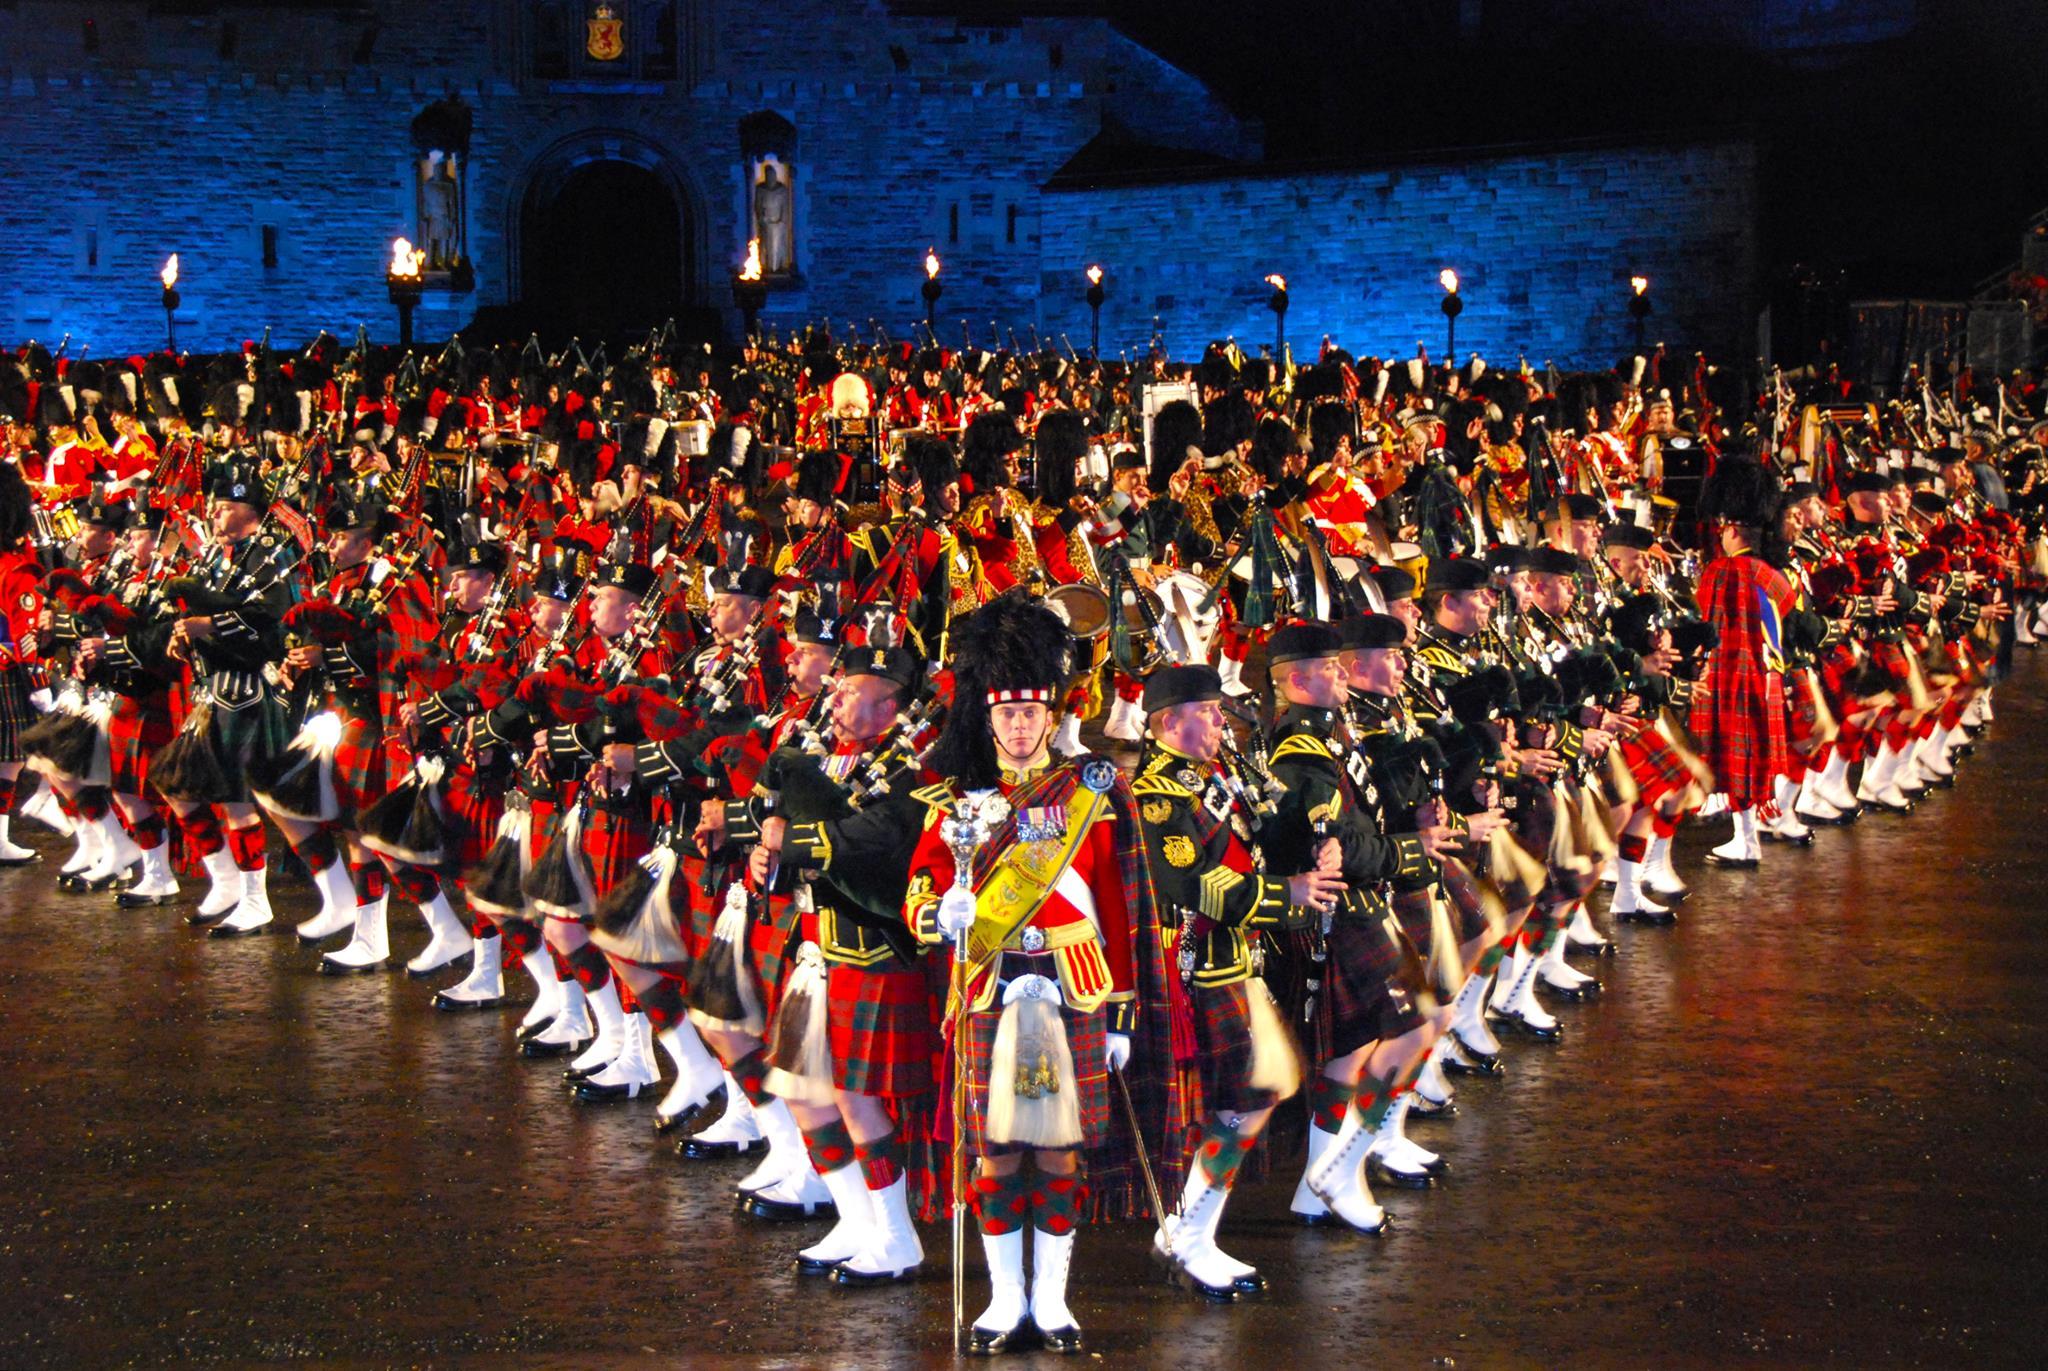 看爱丁堡军乐表演,体验全球顶尖乐队震撼表演